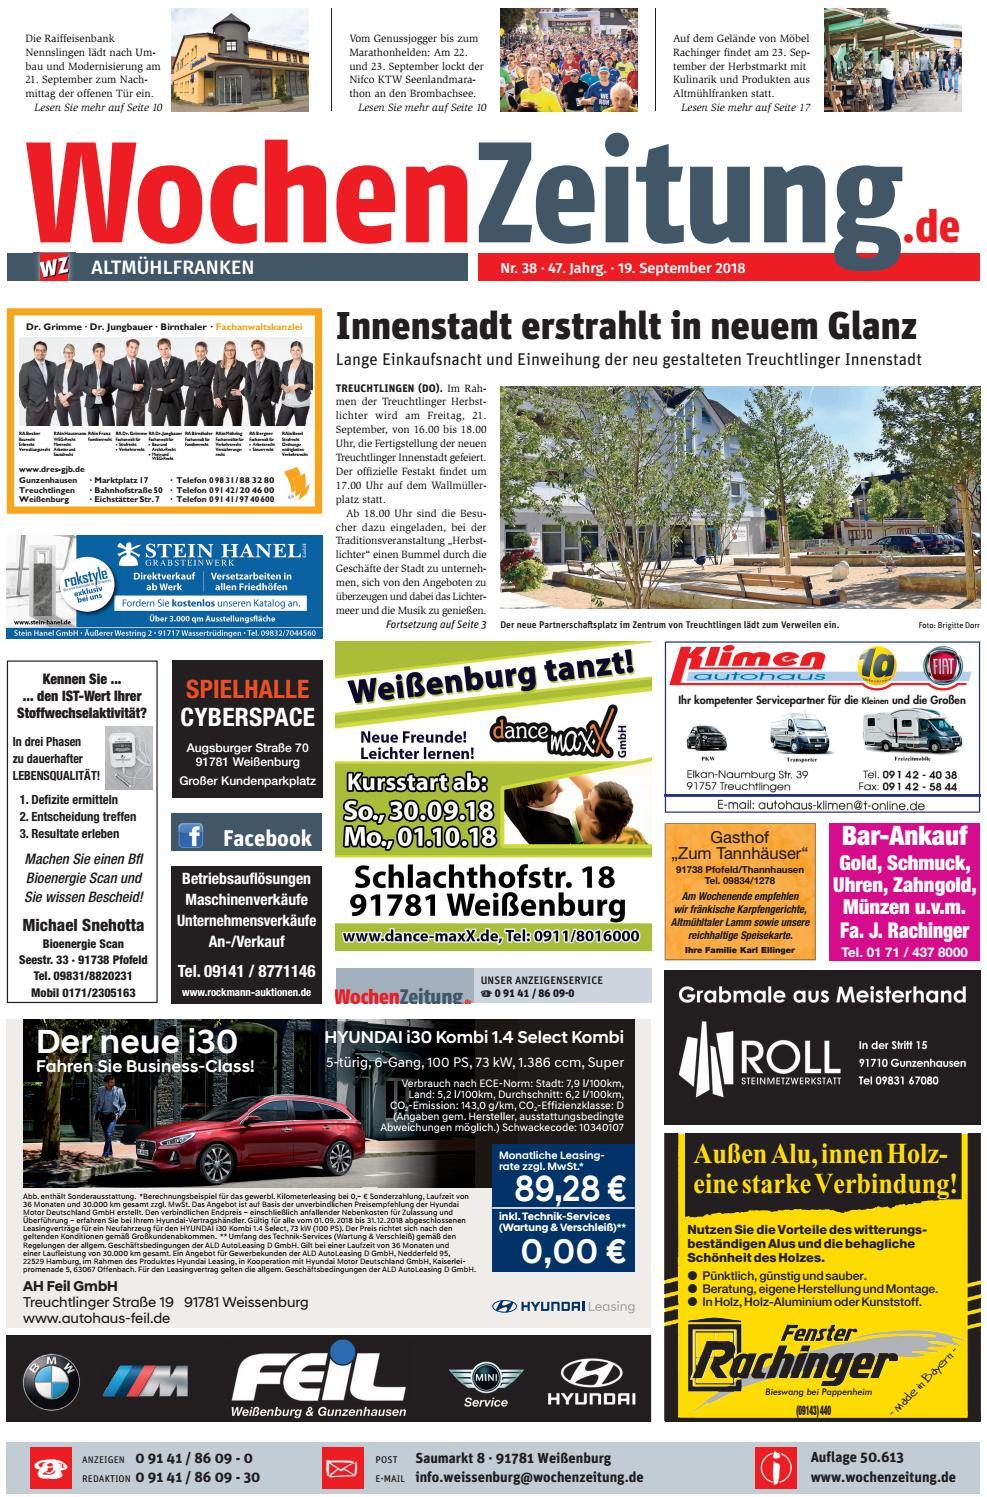 Wochenzeitung Altmuhlfranken Kw 38 18 By Wochenzeitung